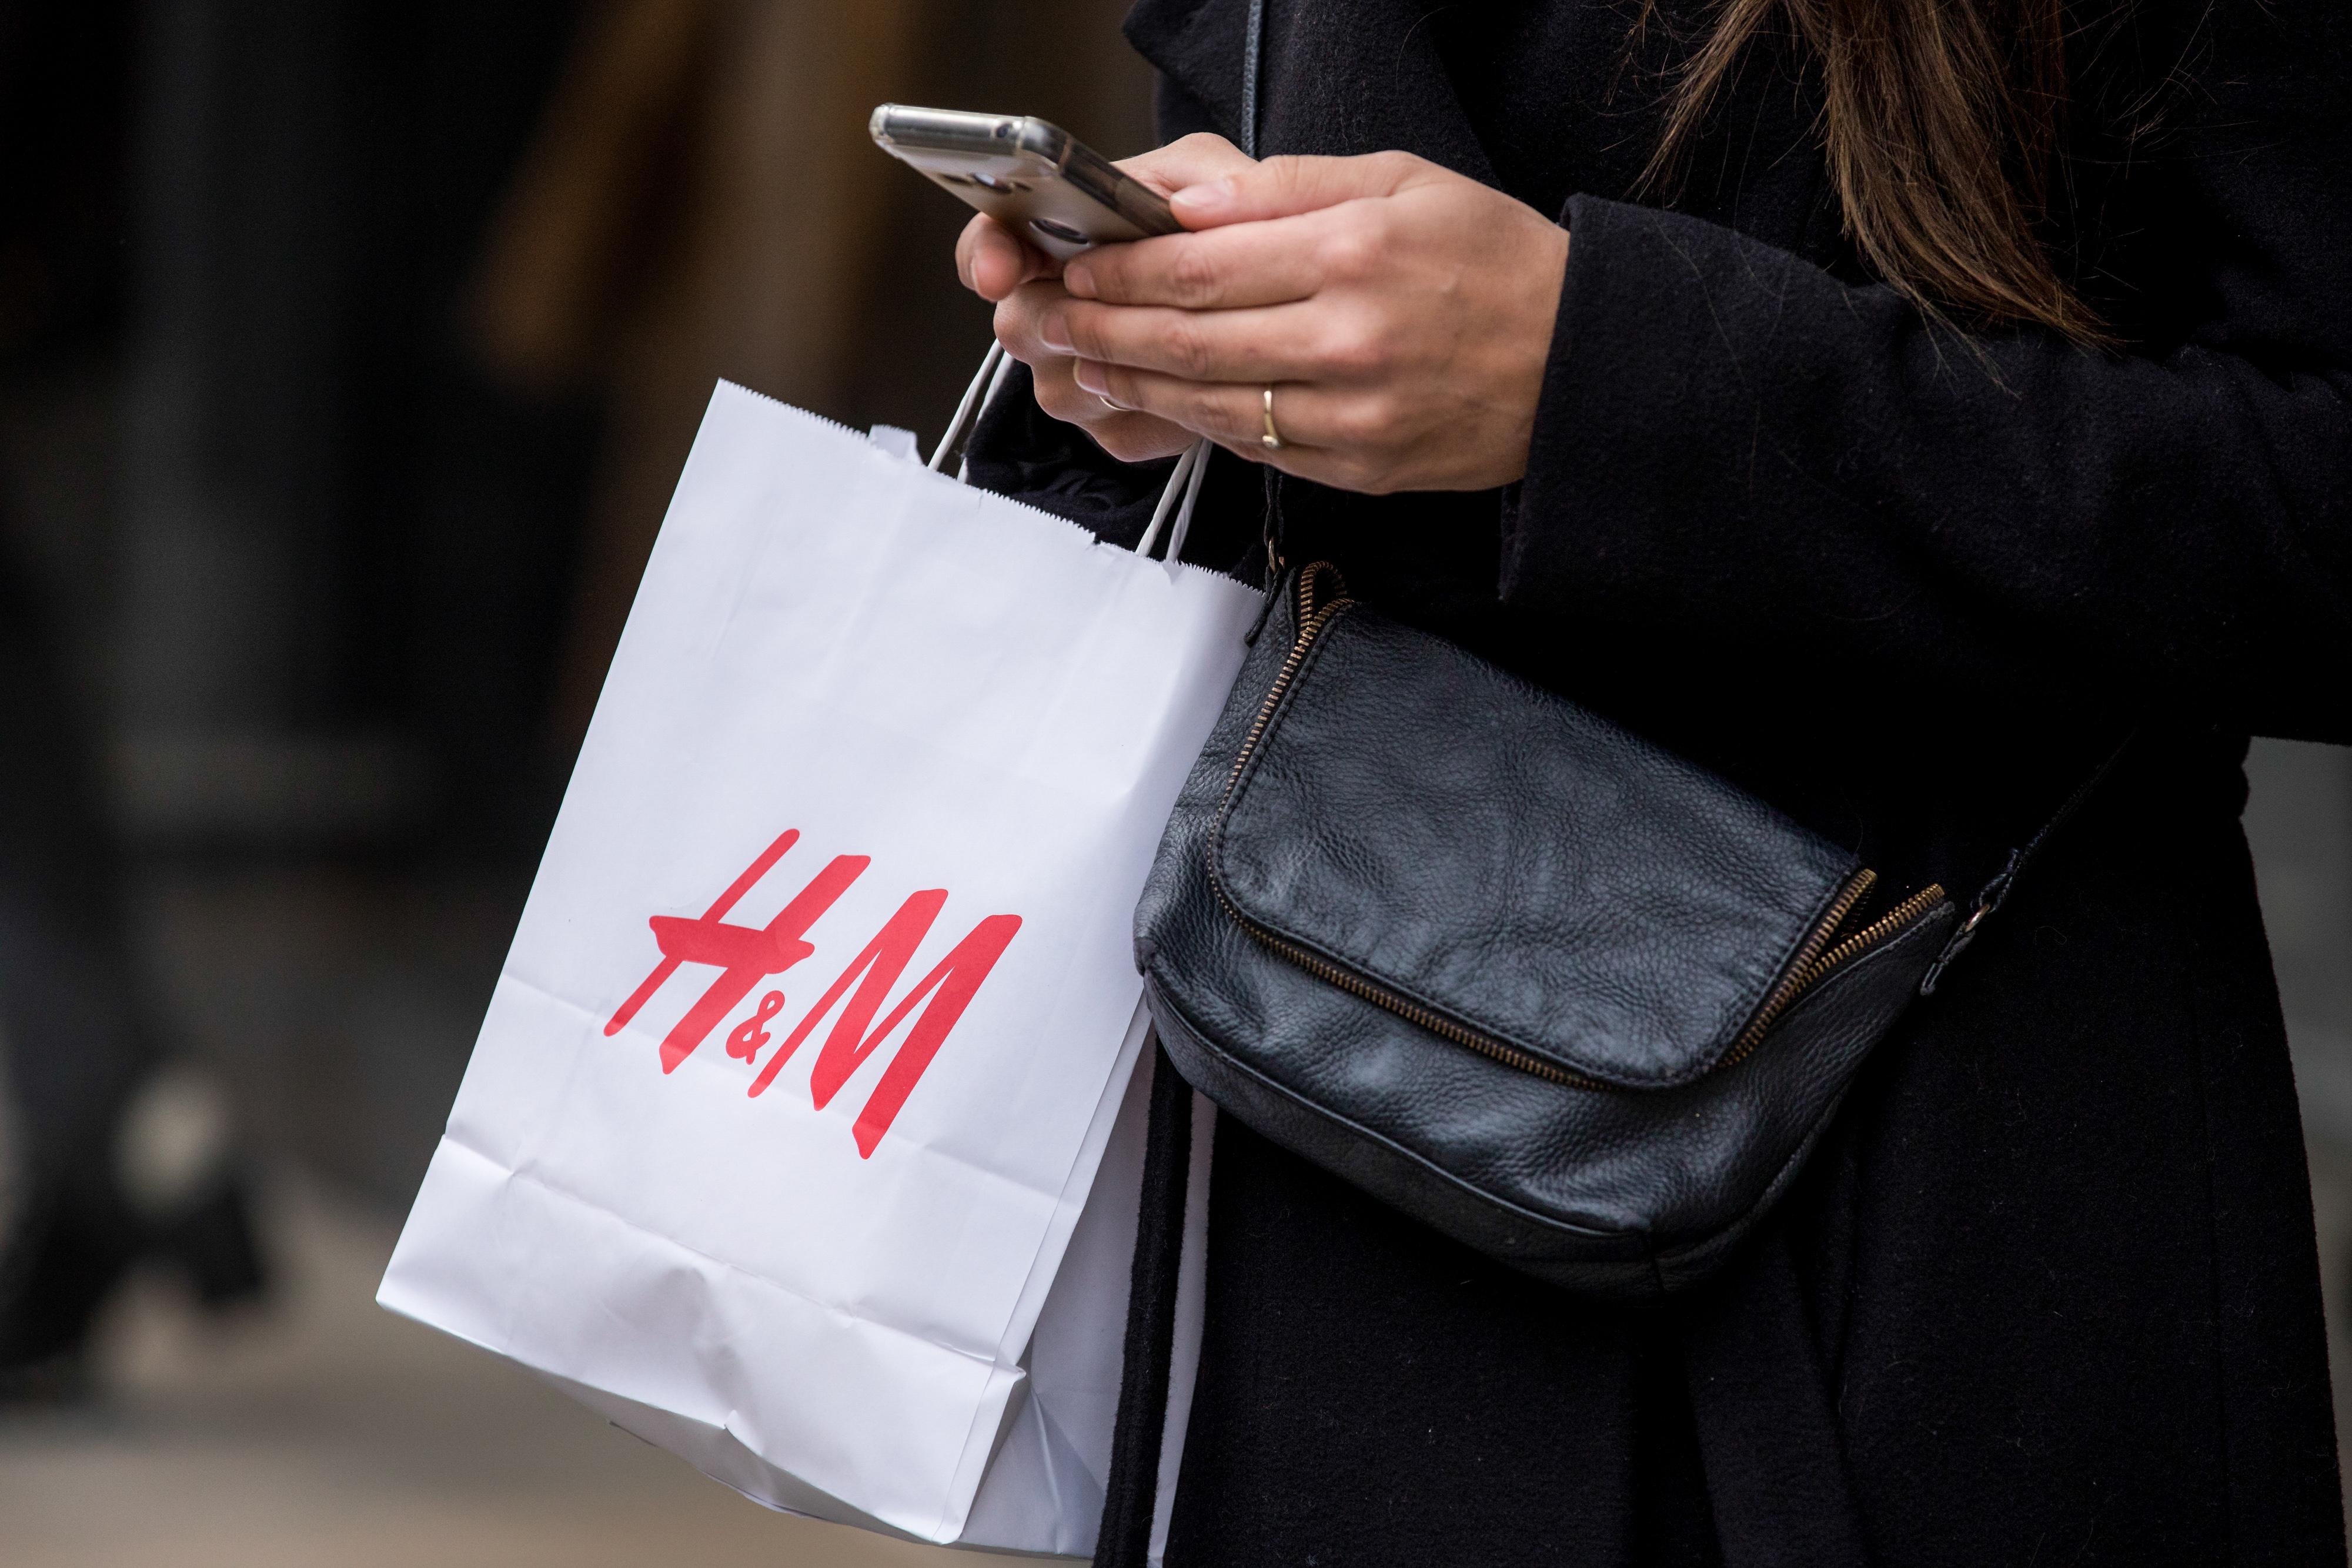 一词:H&M的CEO担心环保思潮会影响整体经济环境